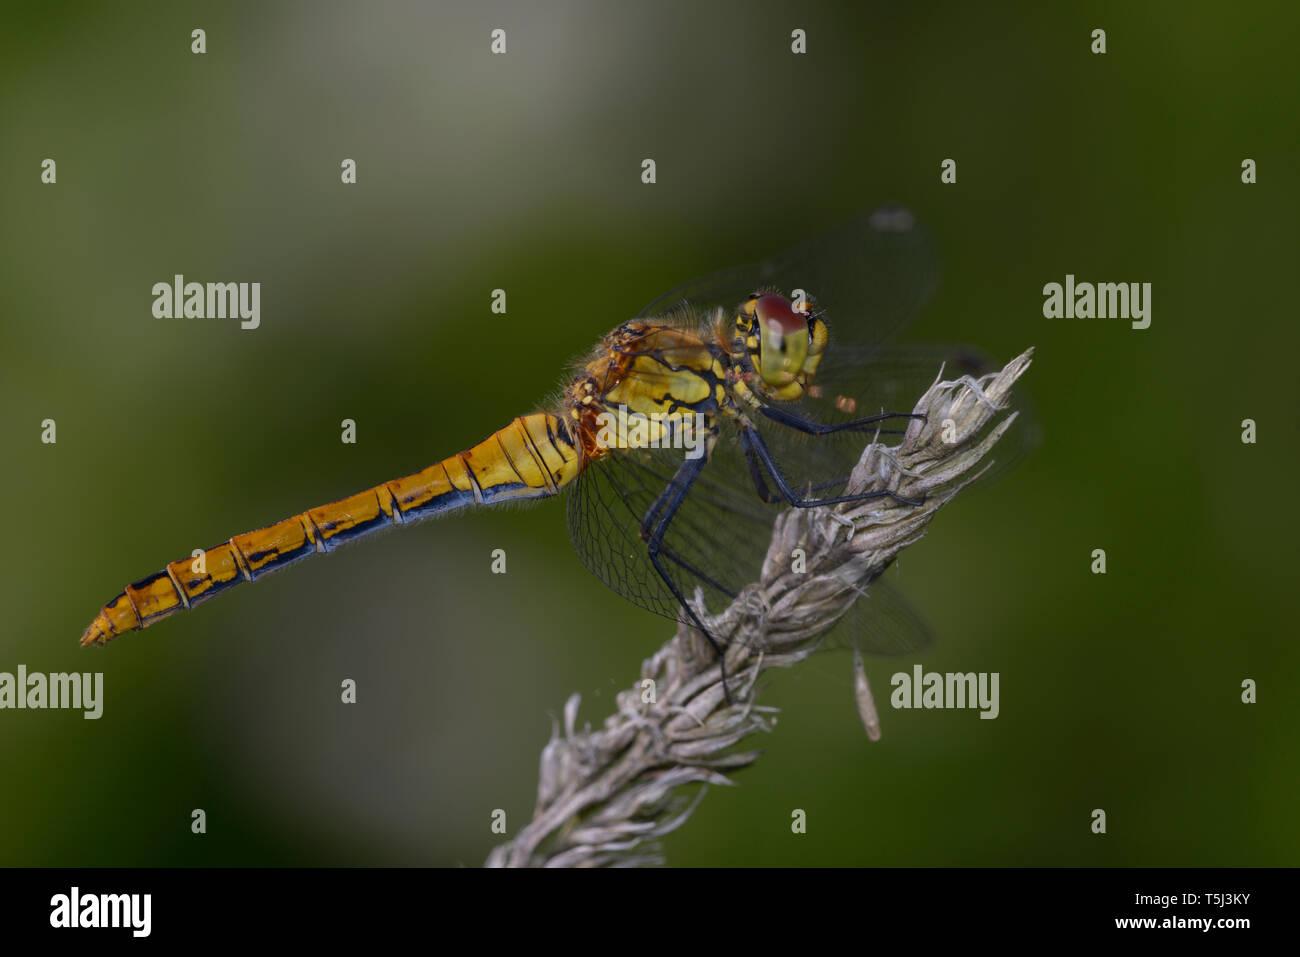 Una libélula Ruddy Darter, sympetrum sanquineum, - sentado en una planta de tallo seco. Foto de stock